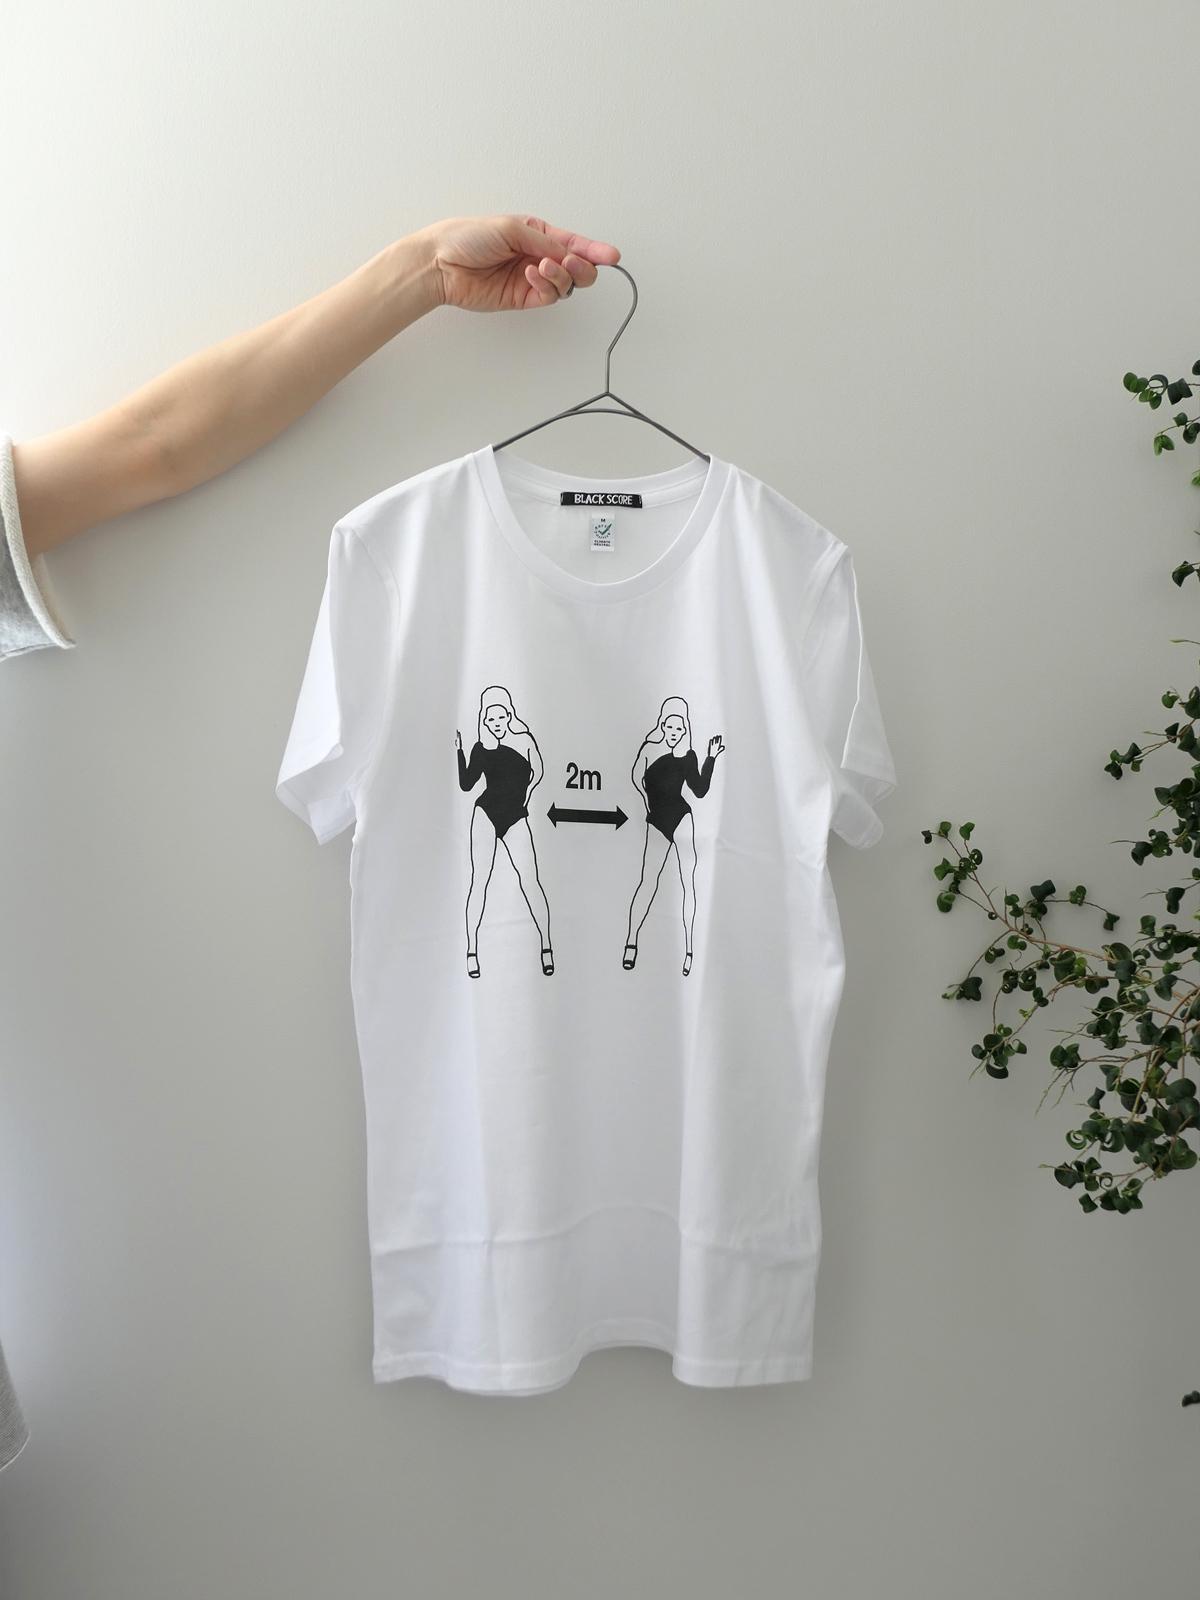 Black Score の Tシャツが入荷いたしました!_c0176078_16514533.jpg